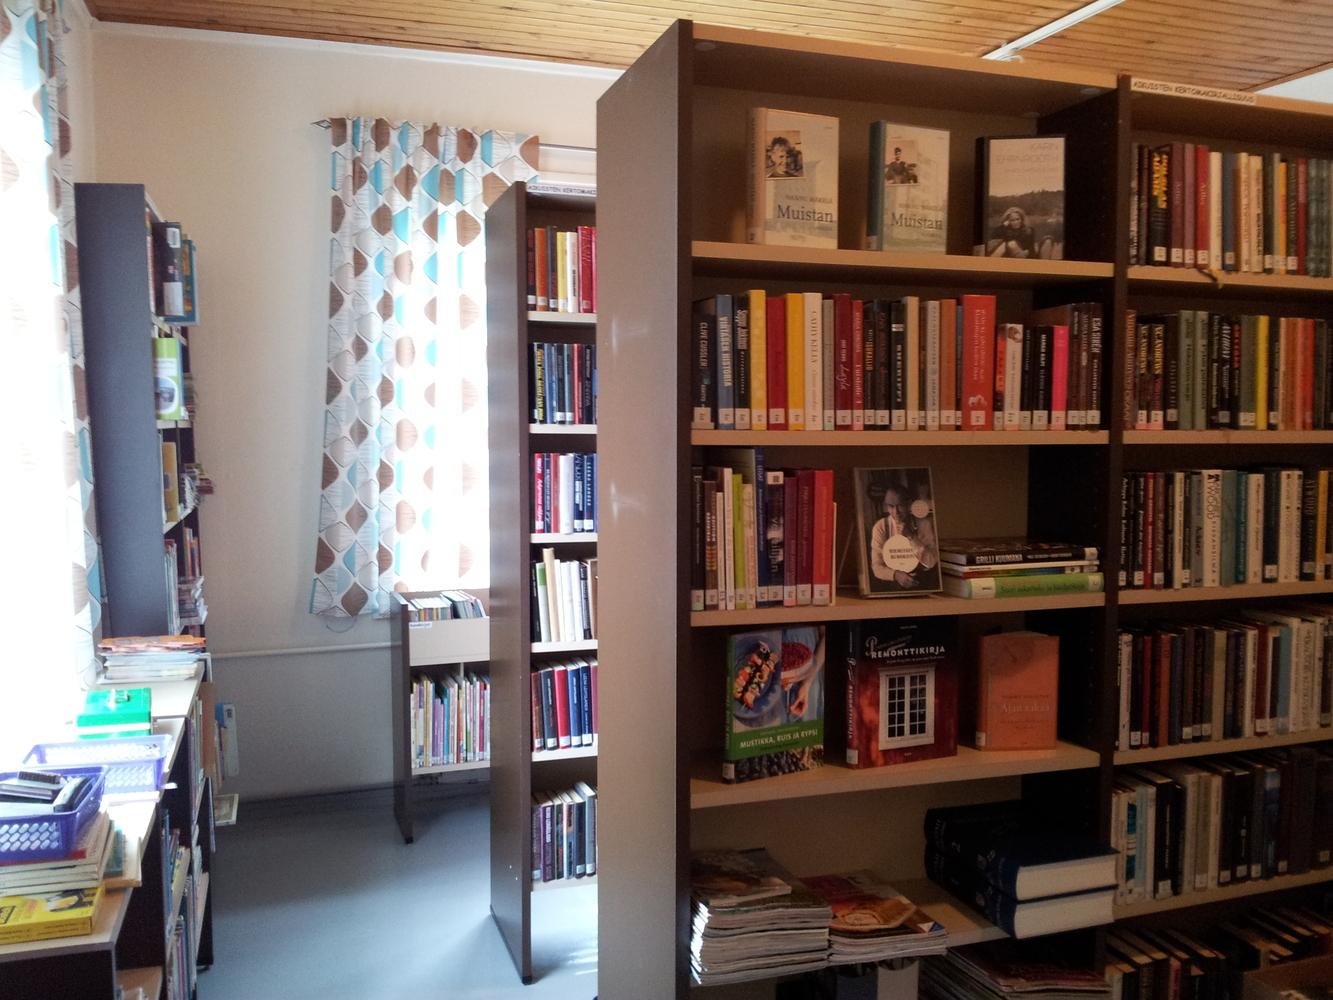 Pohjaslahden kirjasto